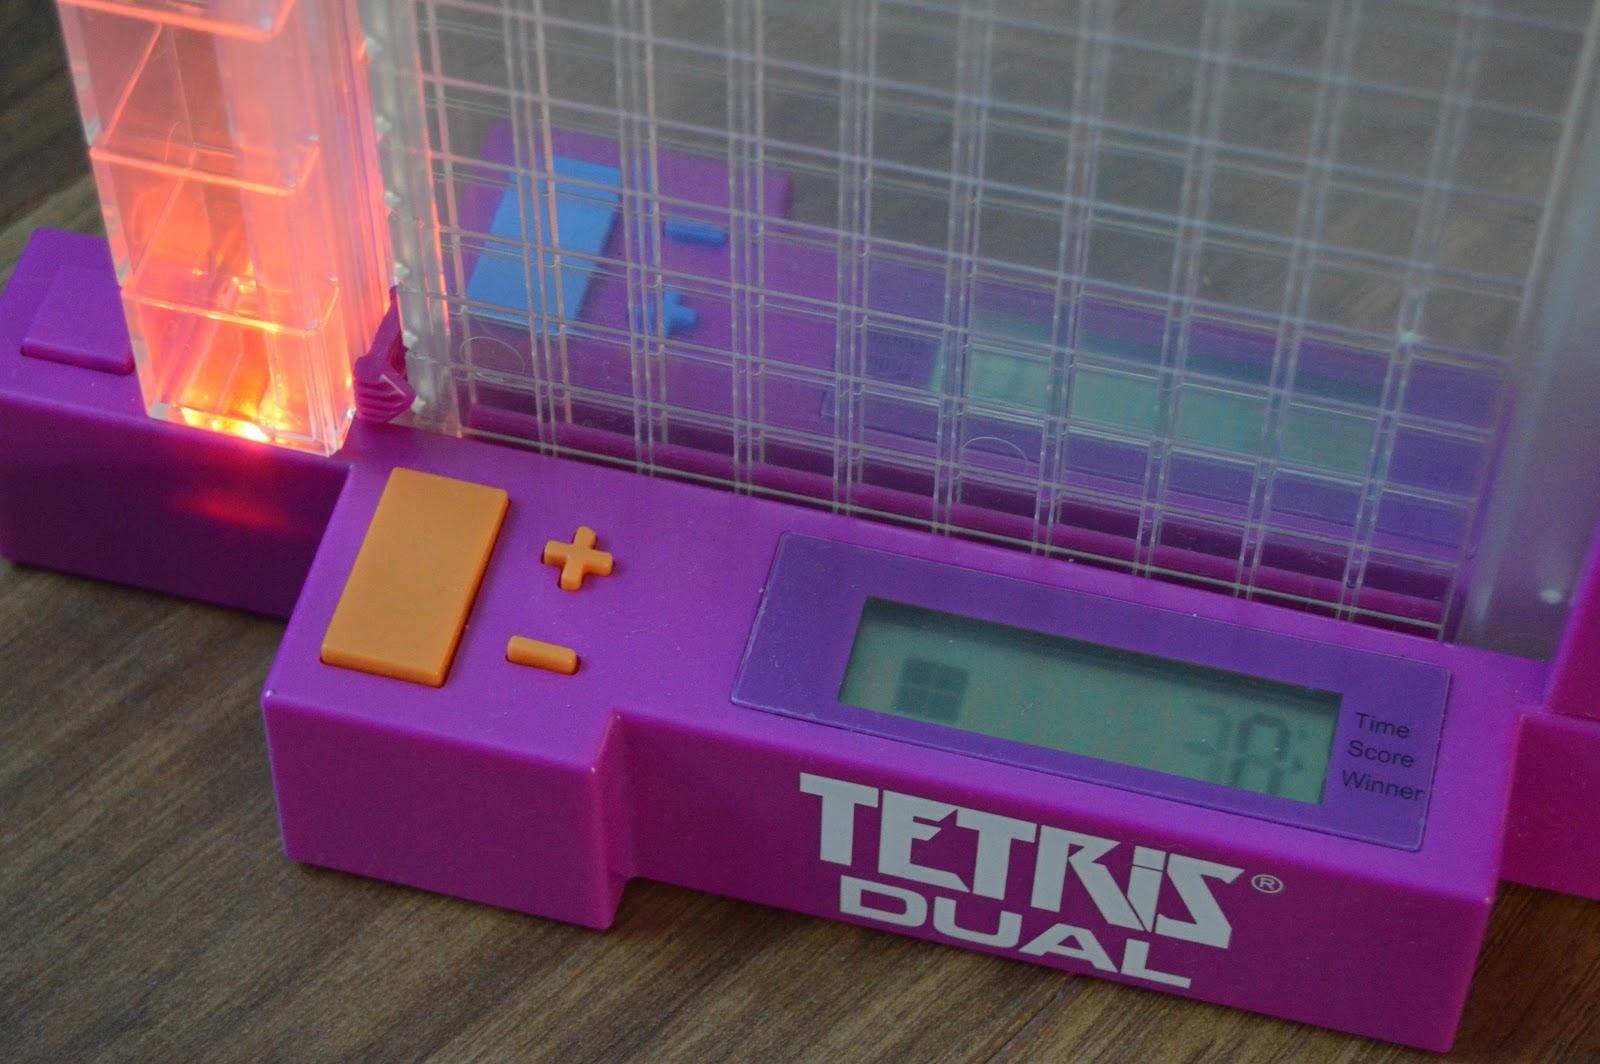 Tetris game and Tetris Card game